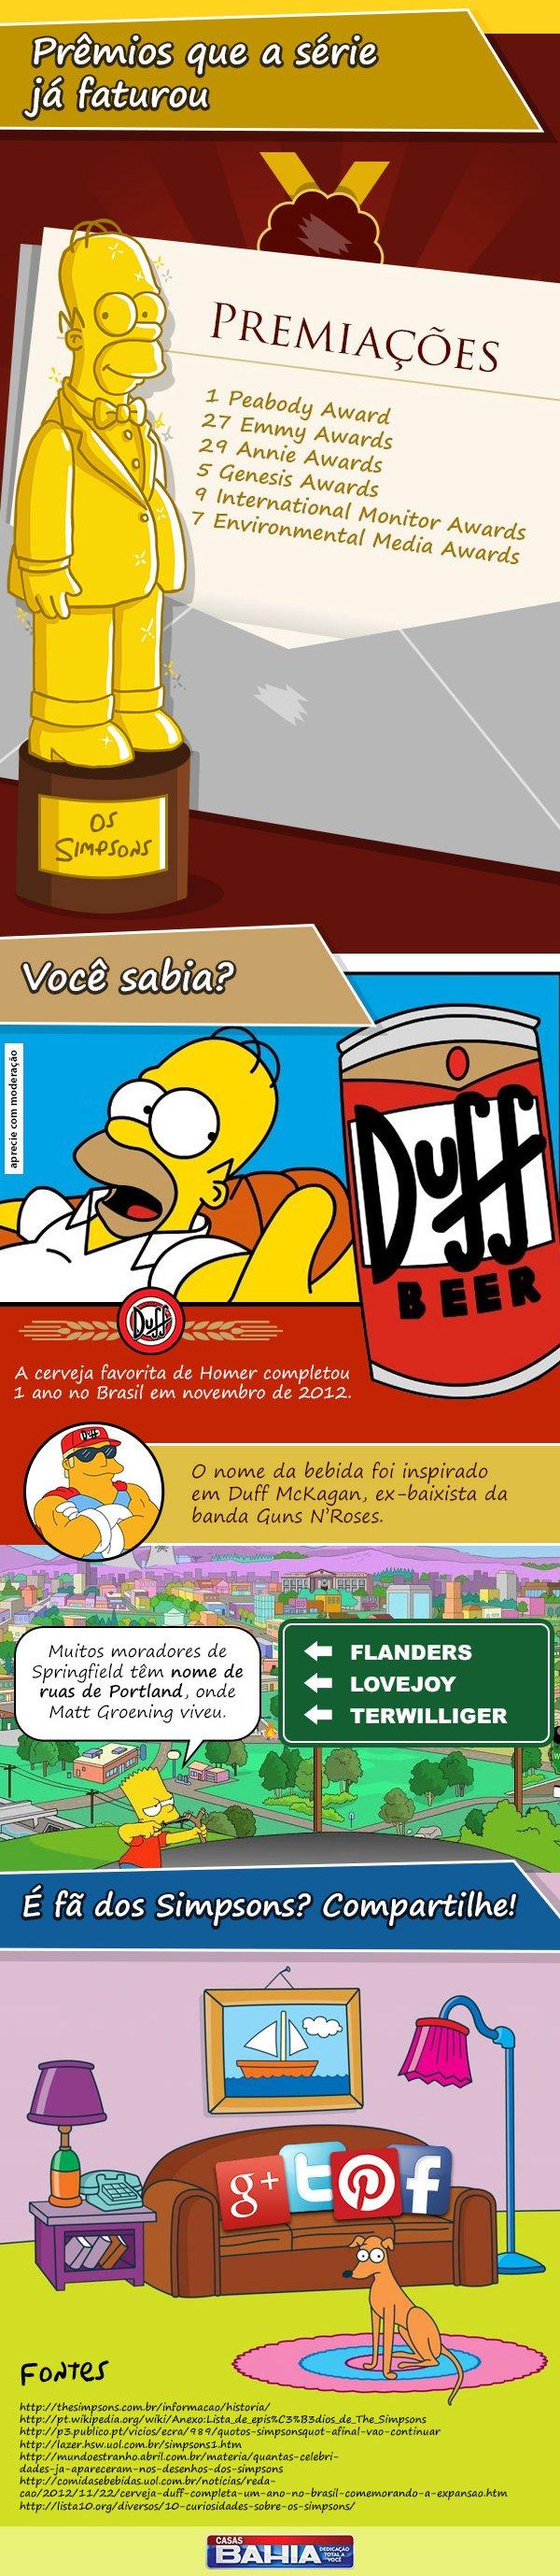 Os-Simpsons-Como-tudo-começou_03